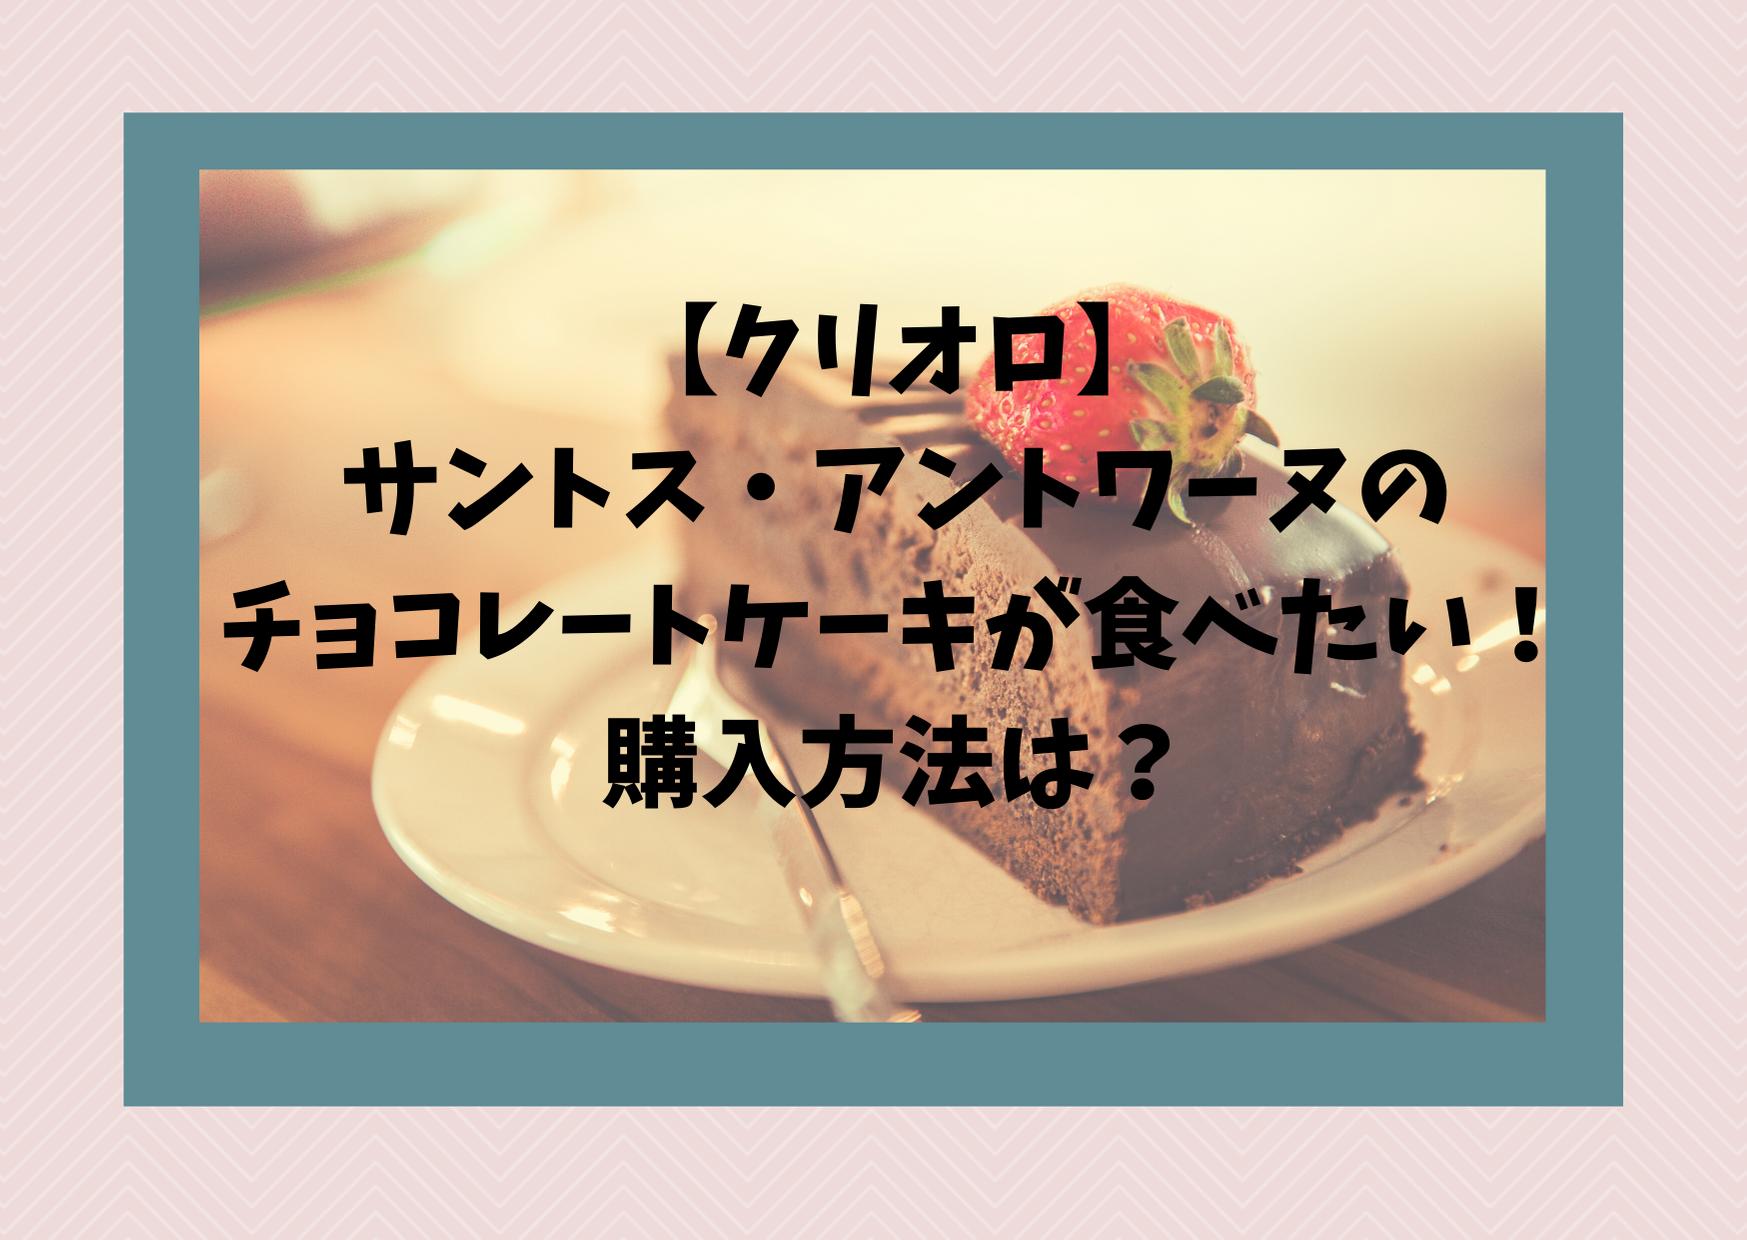 【クリオロ】サントス・アントワーヌのチョコレートケーキが食べたい!購入方法は?